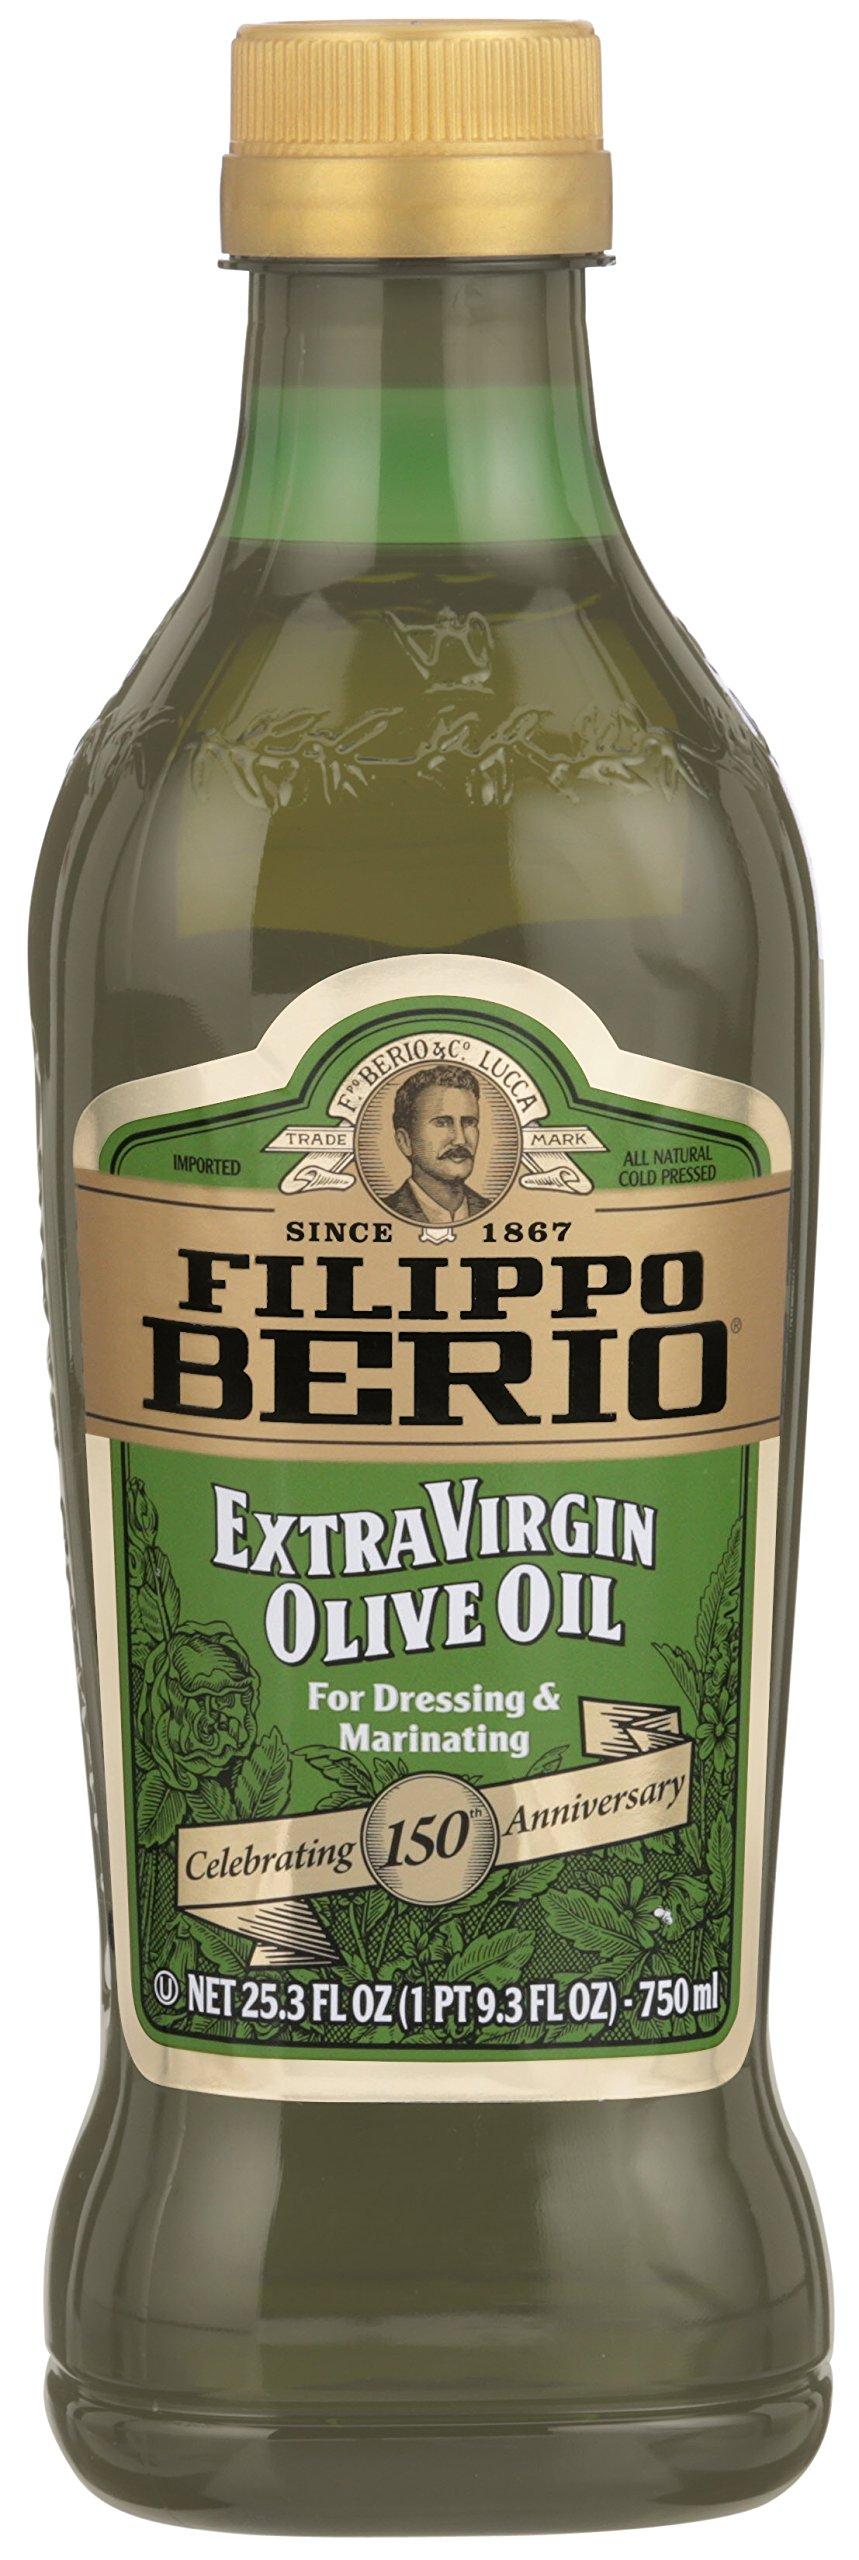 Filippo Berio Extra Virgin Olive Oil, 25.3-Ounce by Filippo Berio